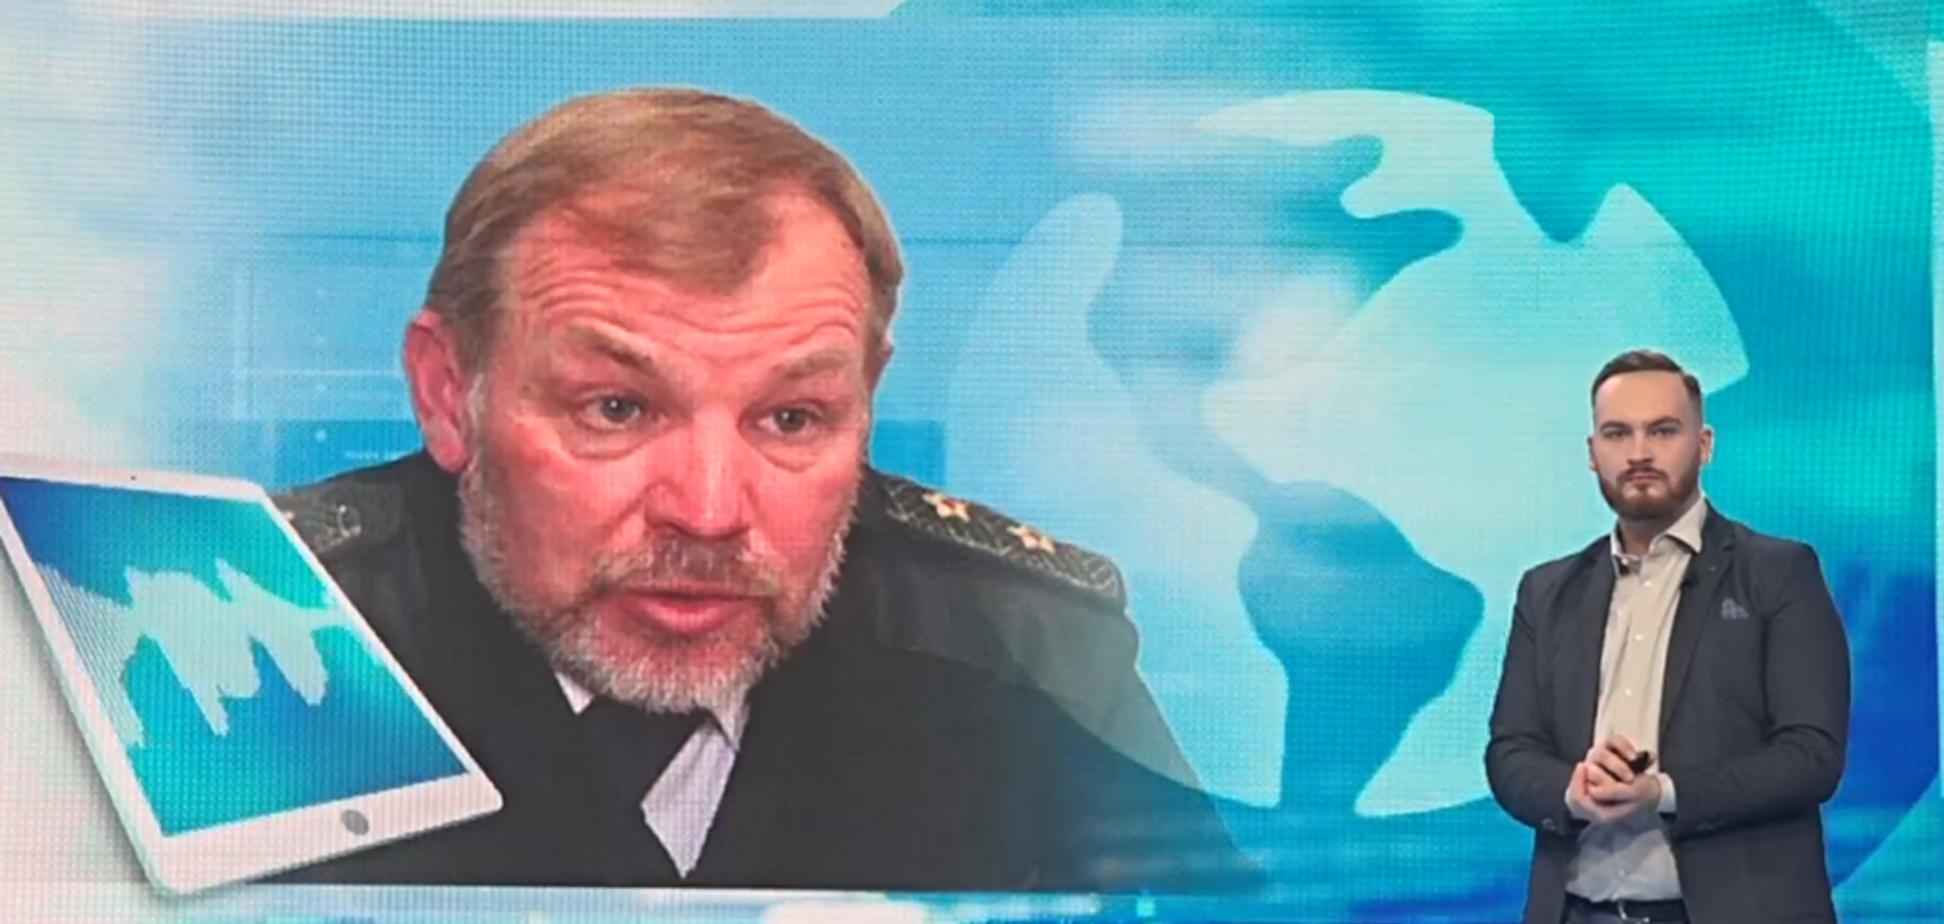 ''Втрата ініціативи та відсутність державної морської політики'': віце-адмірал про загострення ситуації на Азові